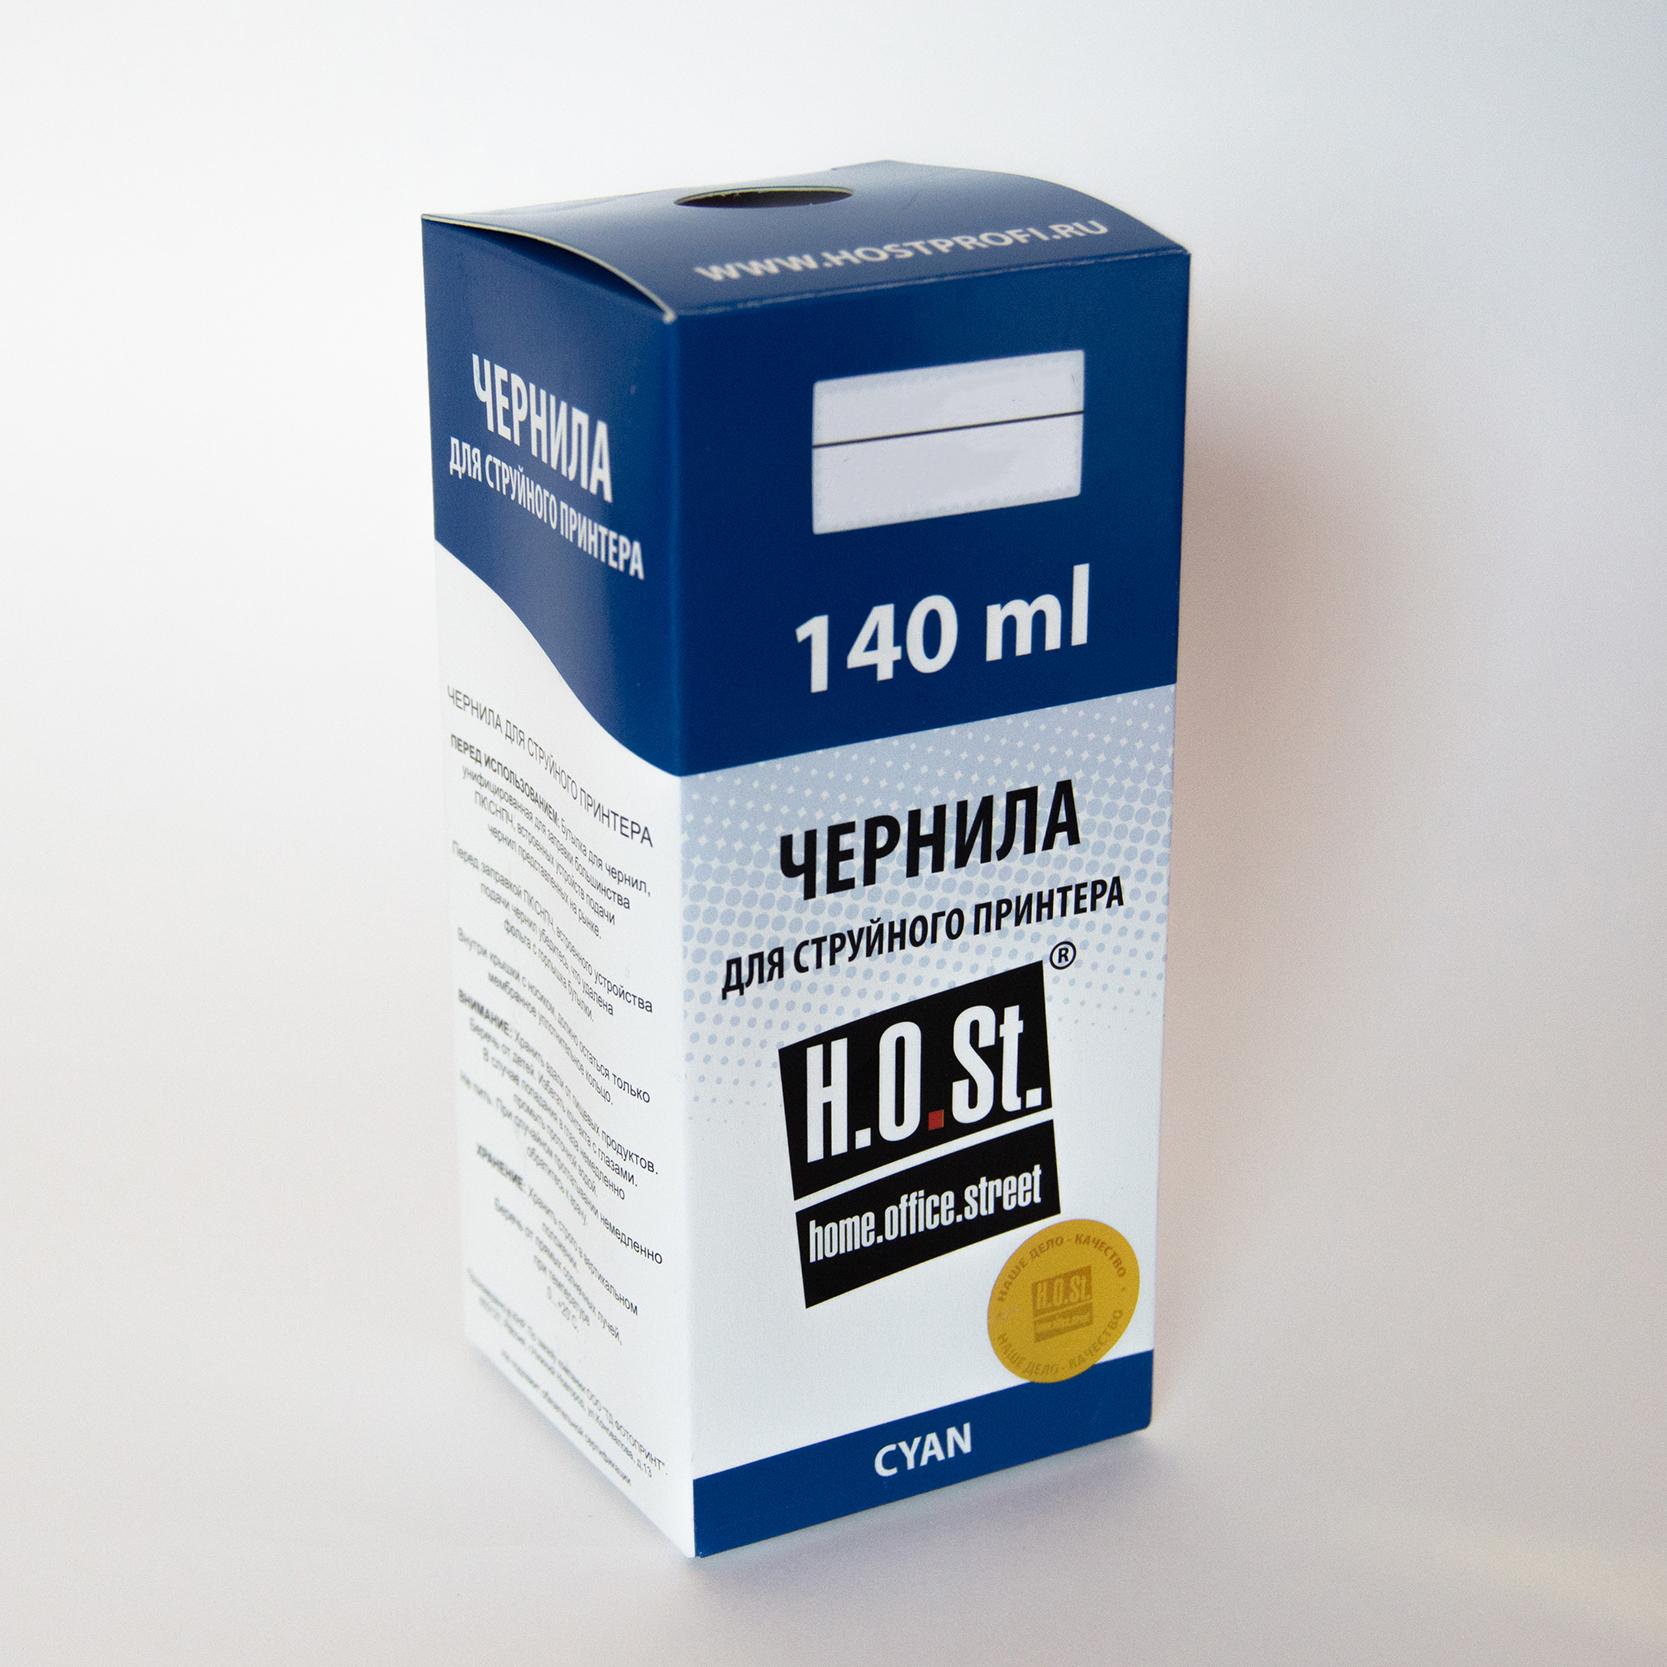 Чернила HOSt для Epson TX117 Cyan водные Премиум 140ml